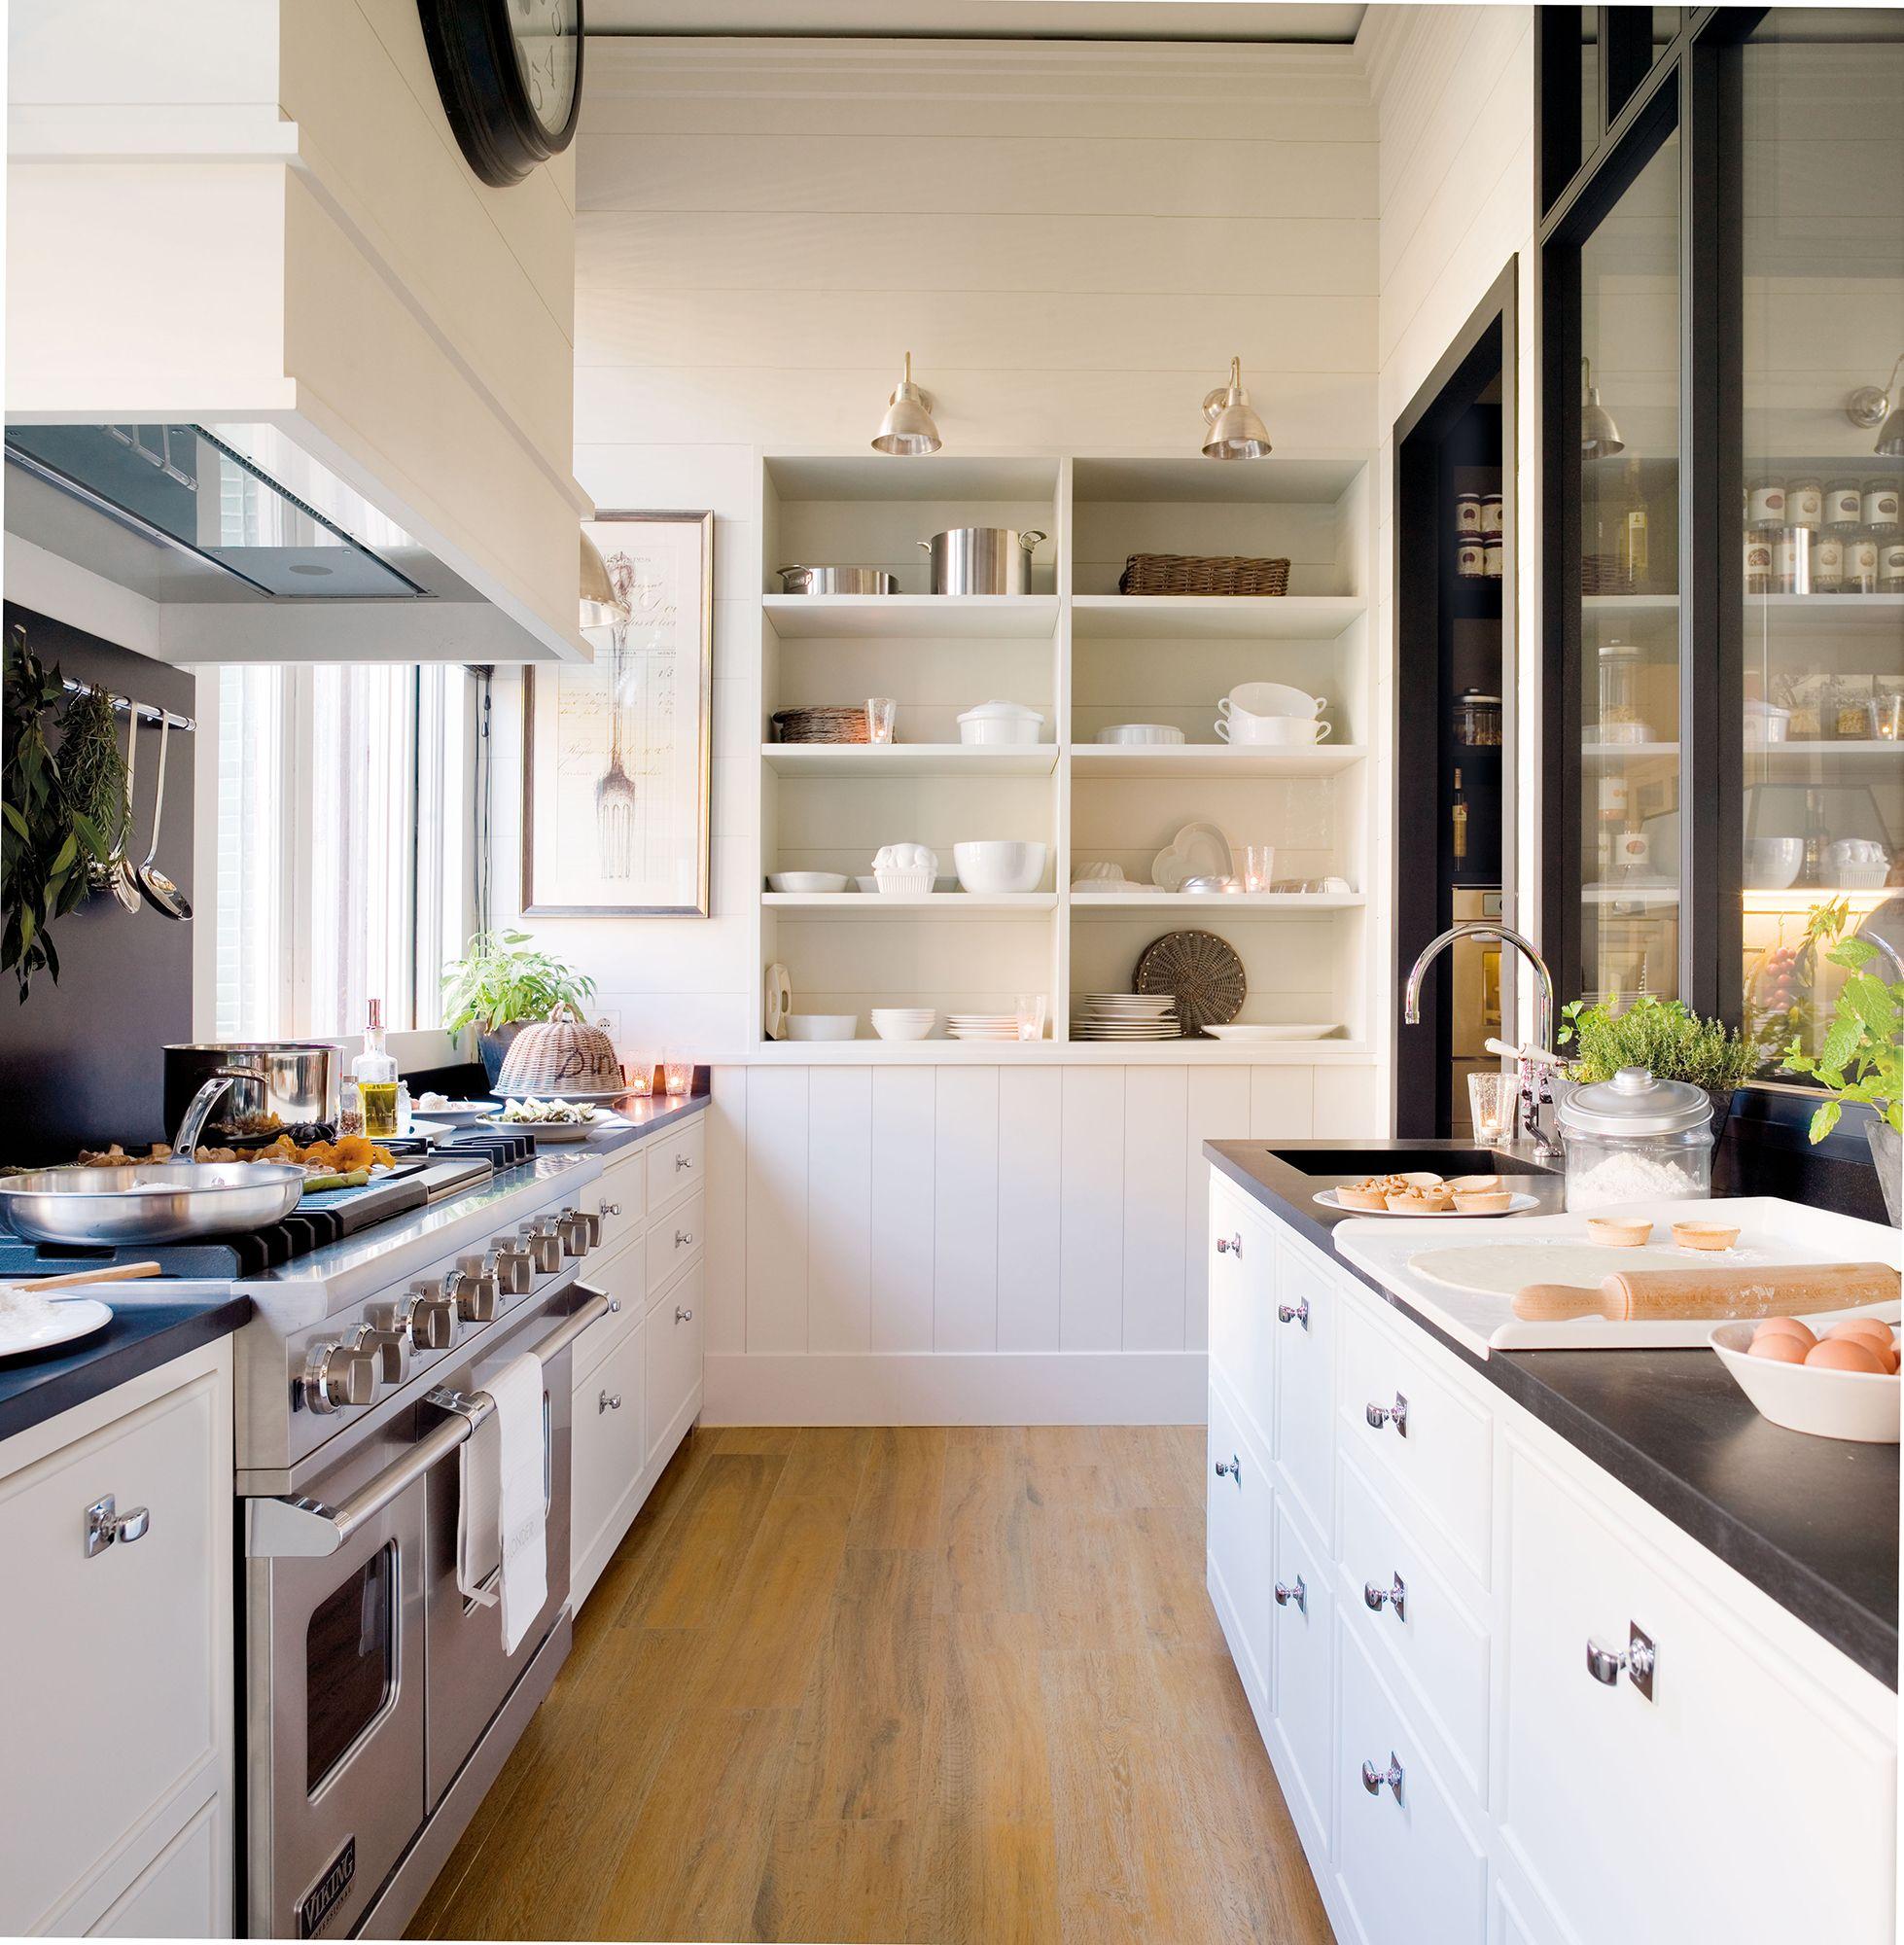 Cocina con muebles blancos y encimera negra_ 00332195 | Cocinas ...